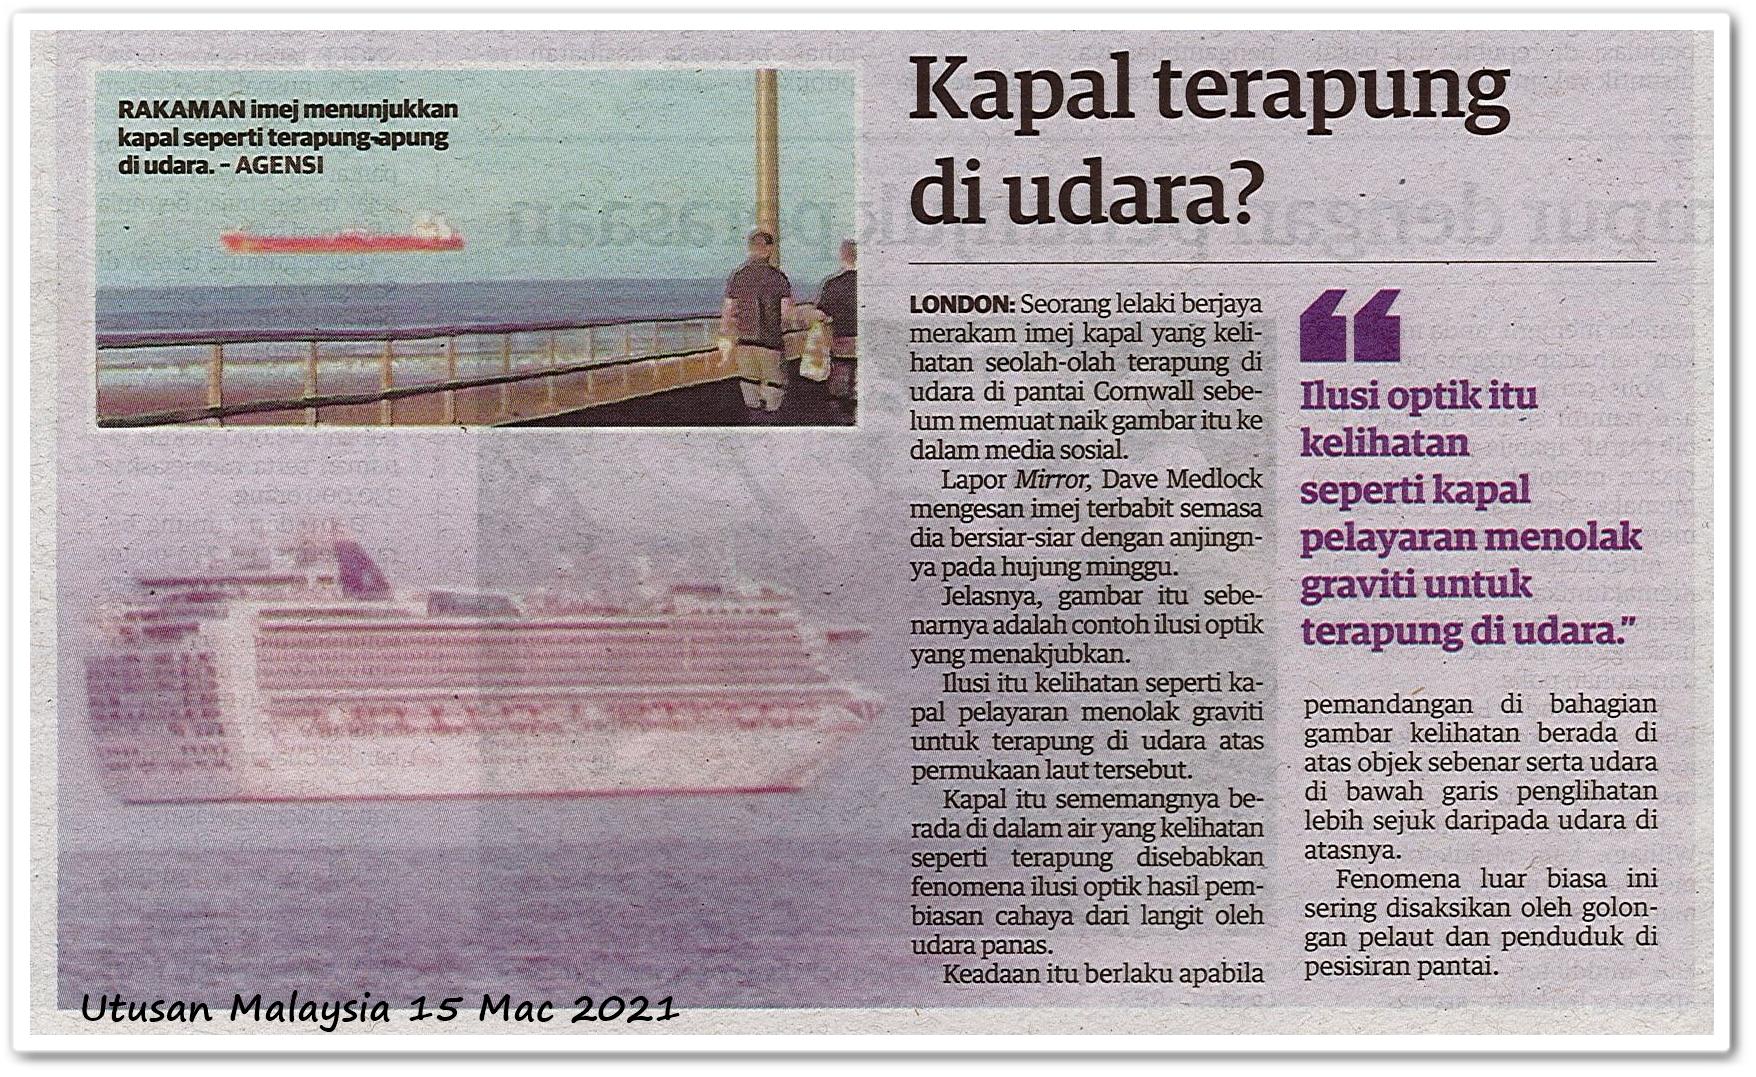 Kapal terapung di udara? - Keratan akhbar Utusan Malaysia 15 Mac 2021